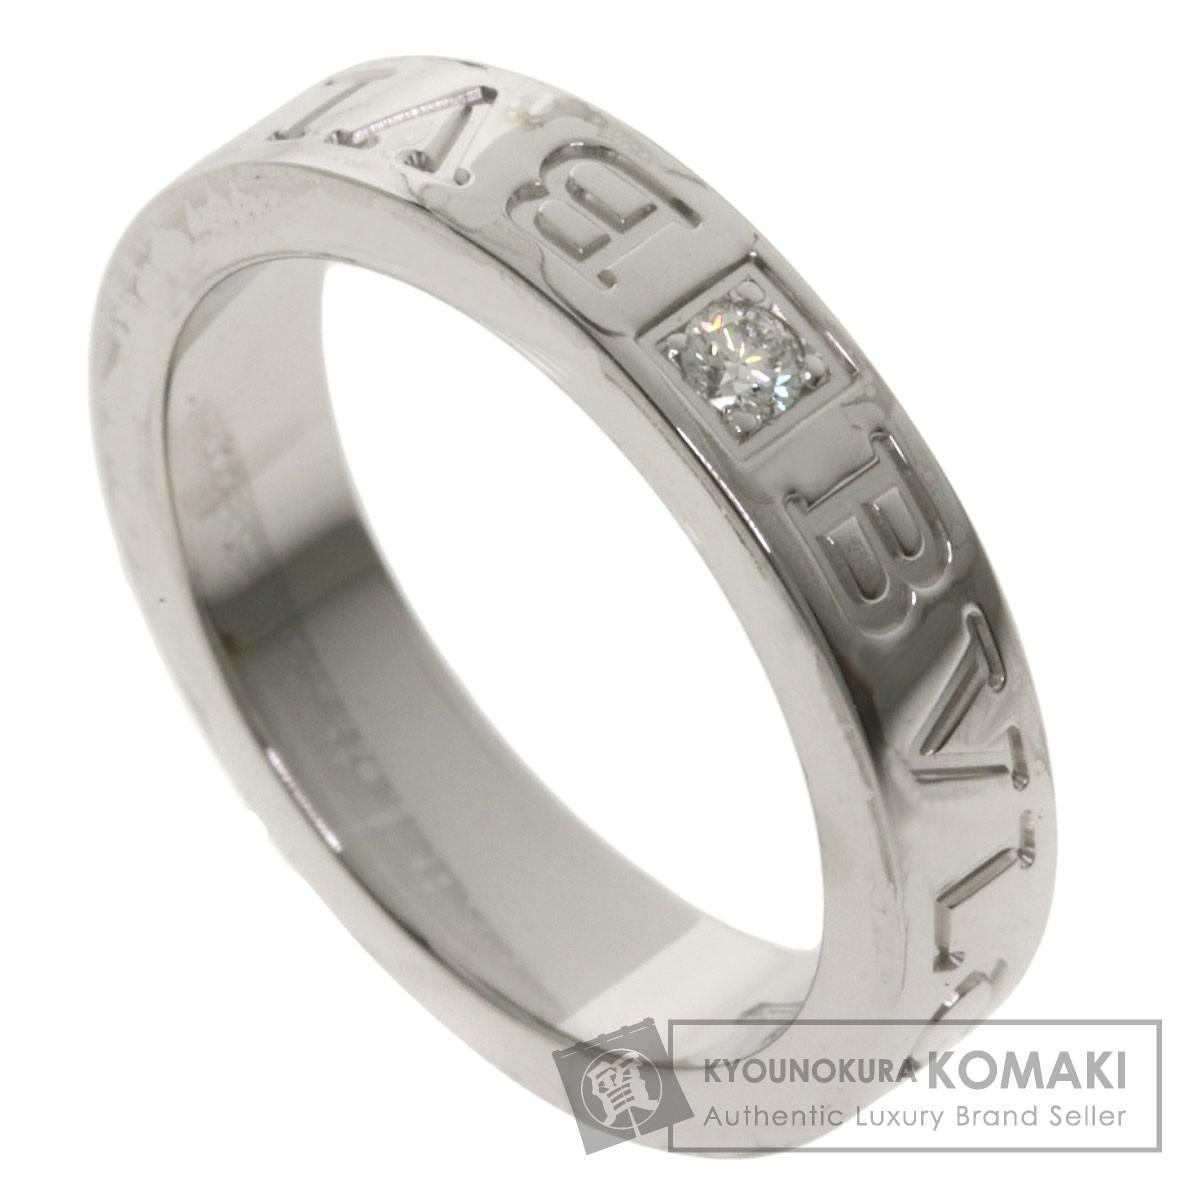 ブルガリ ダブルロゴリング 1P ダイヤモンド リング・指輪 K18ホワイトゴールド レディース 【中古】【BVLGARI】